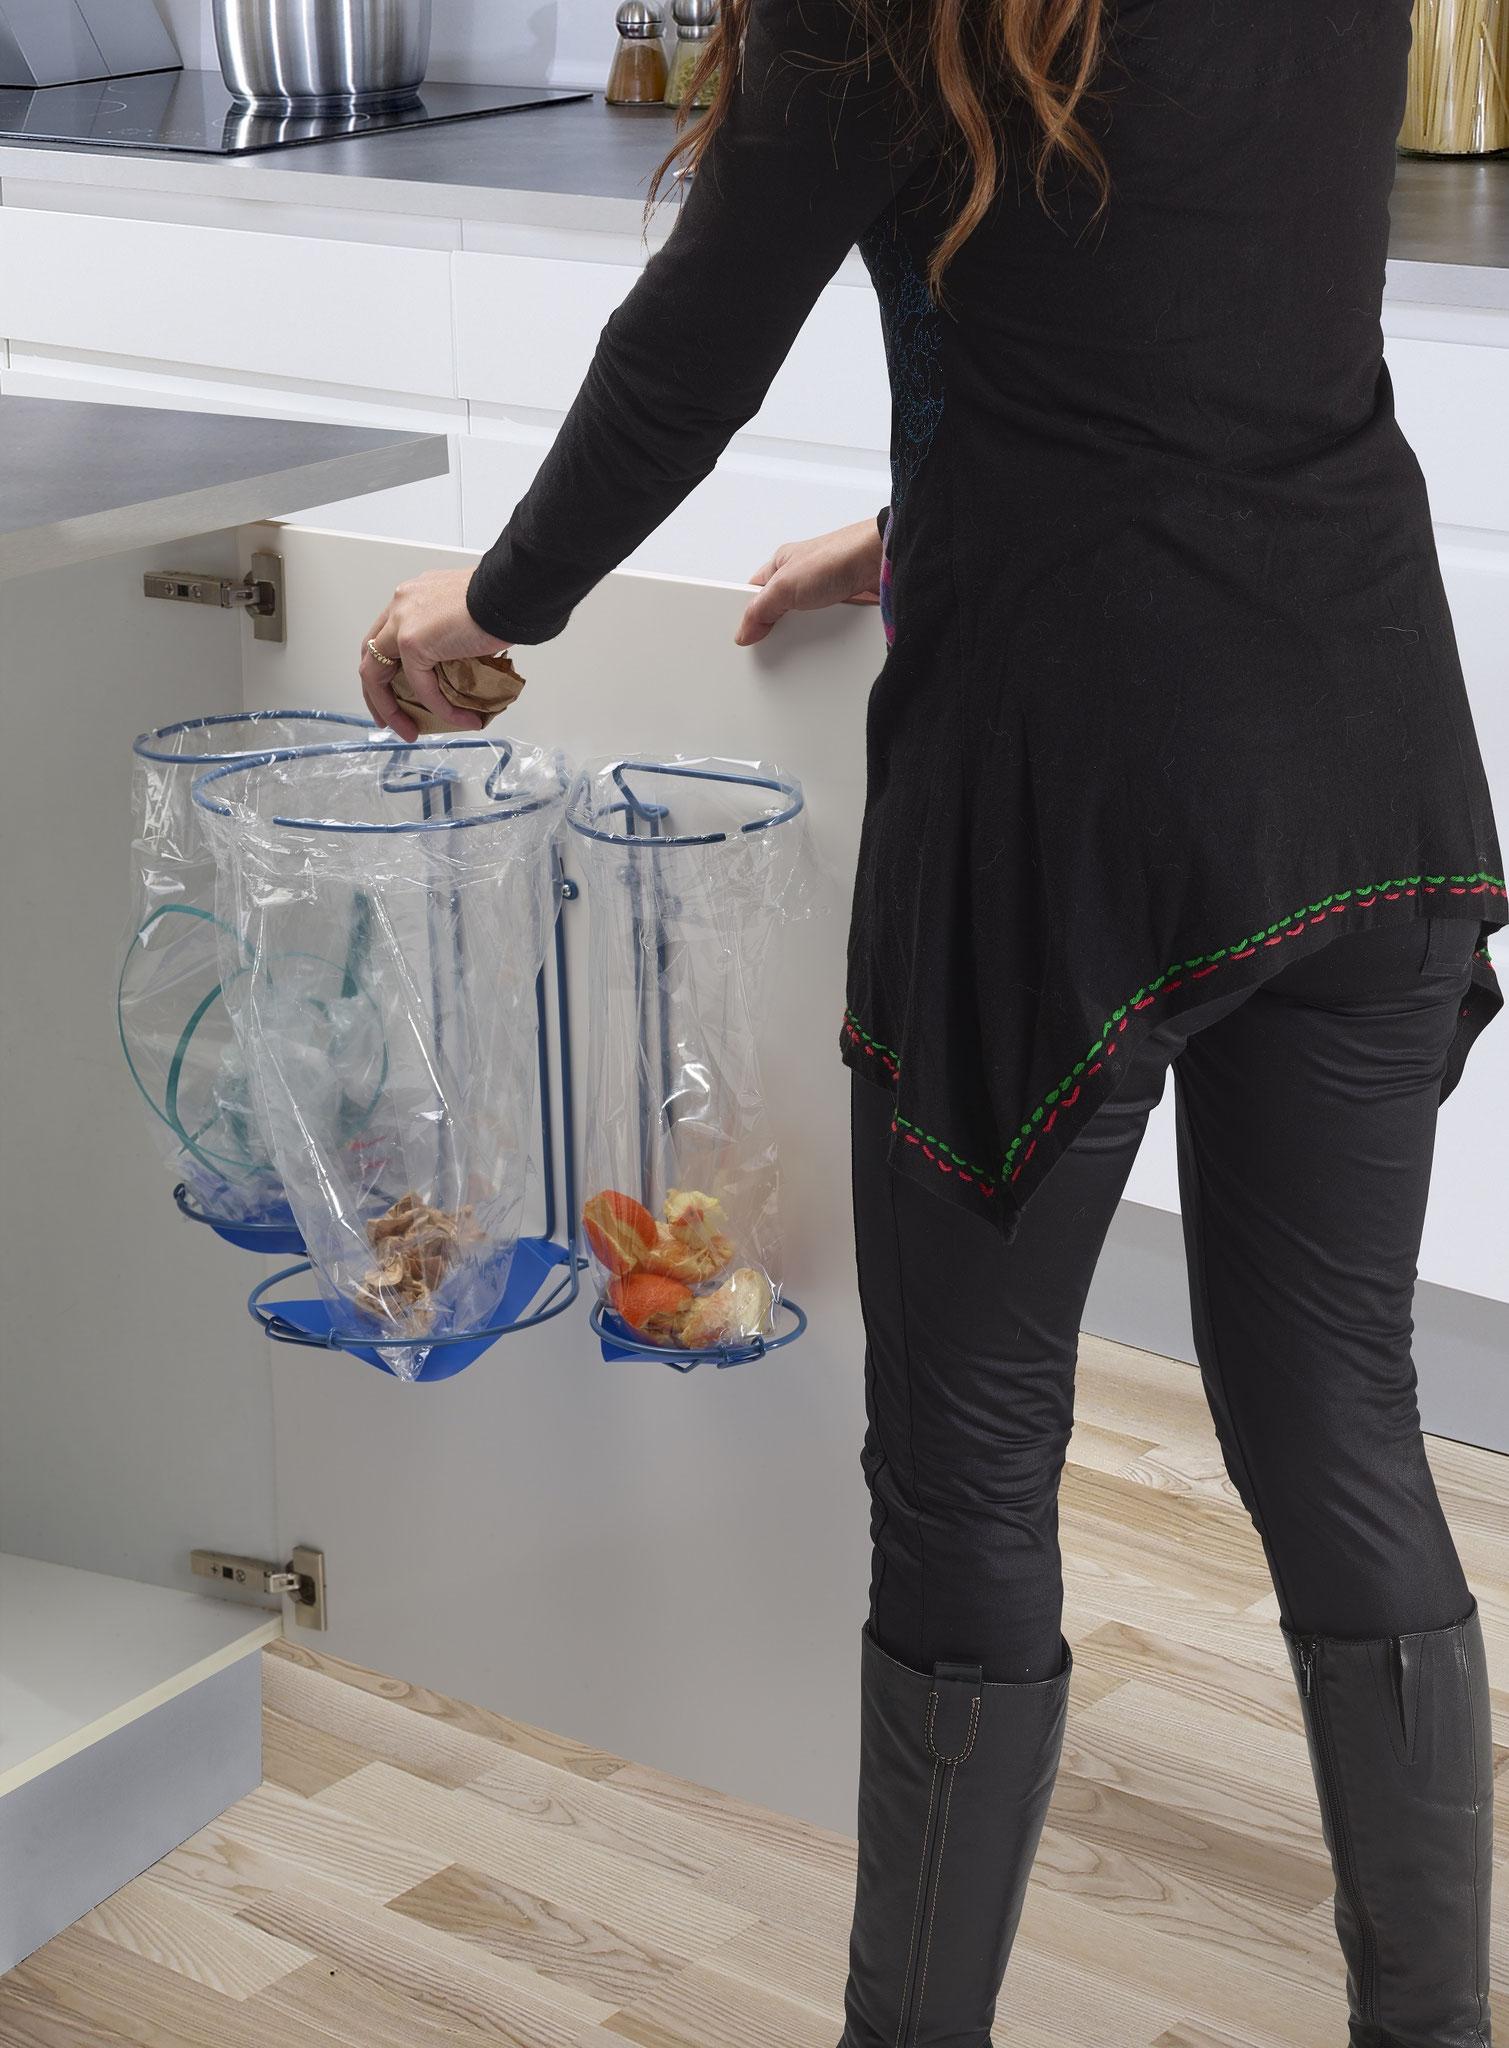 Affaldssorteringssystem til køkken. Består af fleksible affalsstativer- bedste valg i et køkken. Sæt affaldssortering i systemet i dit hjem!